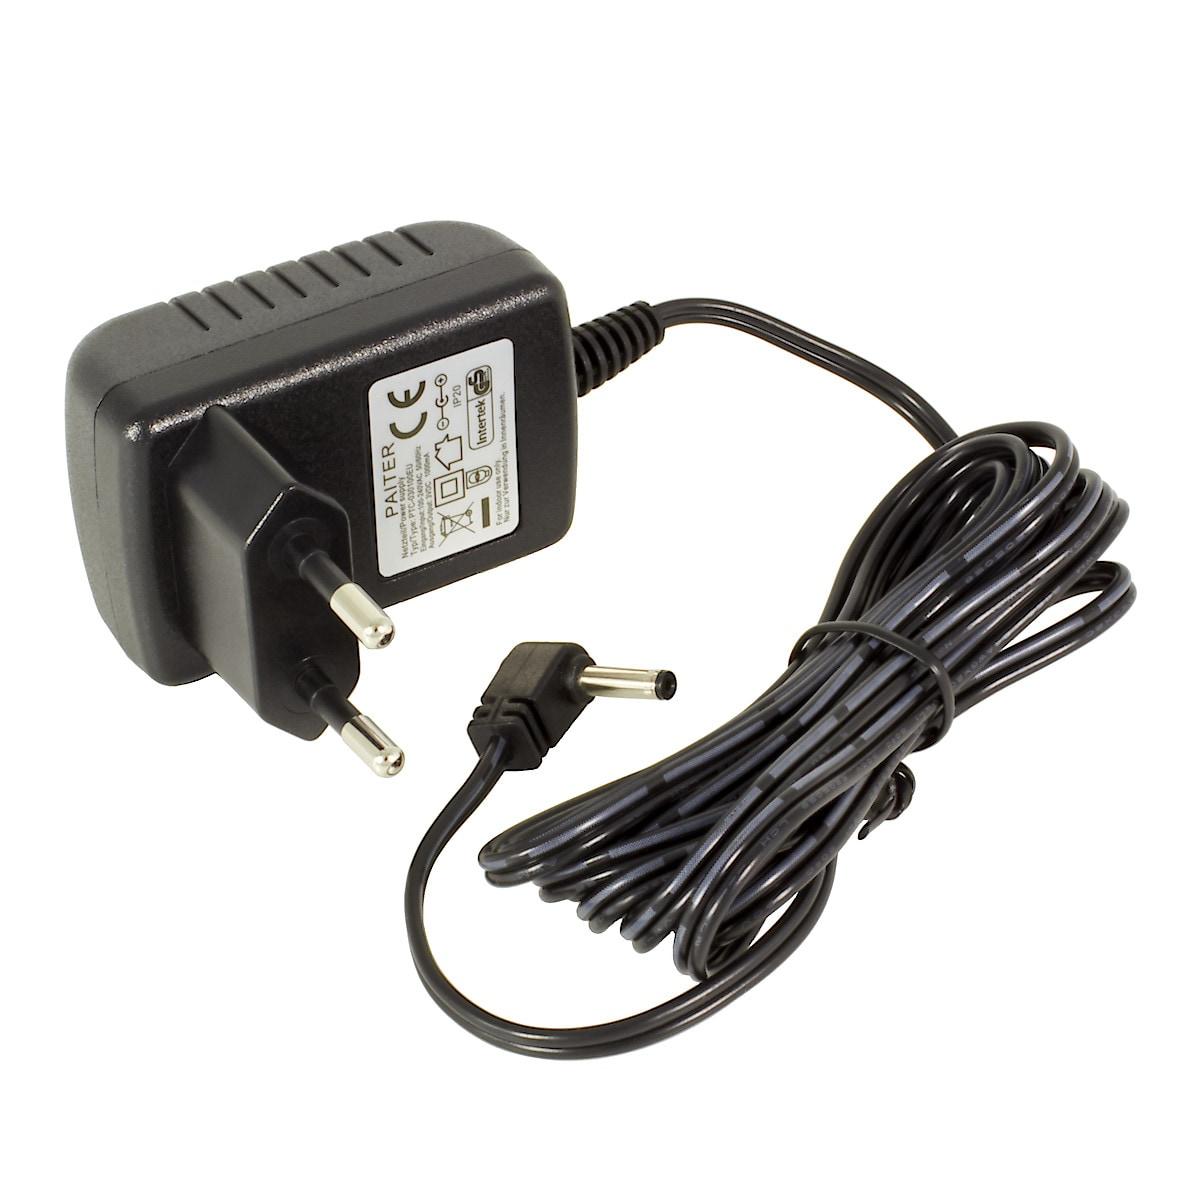 Batterieliminator USB C Exibel till julklappspris